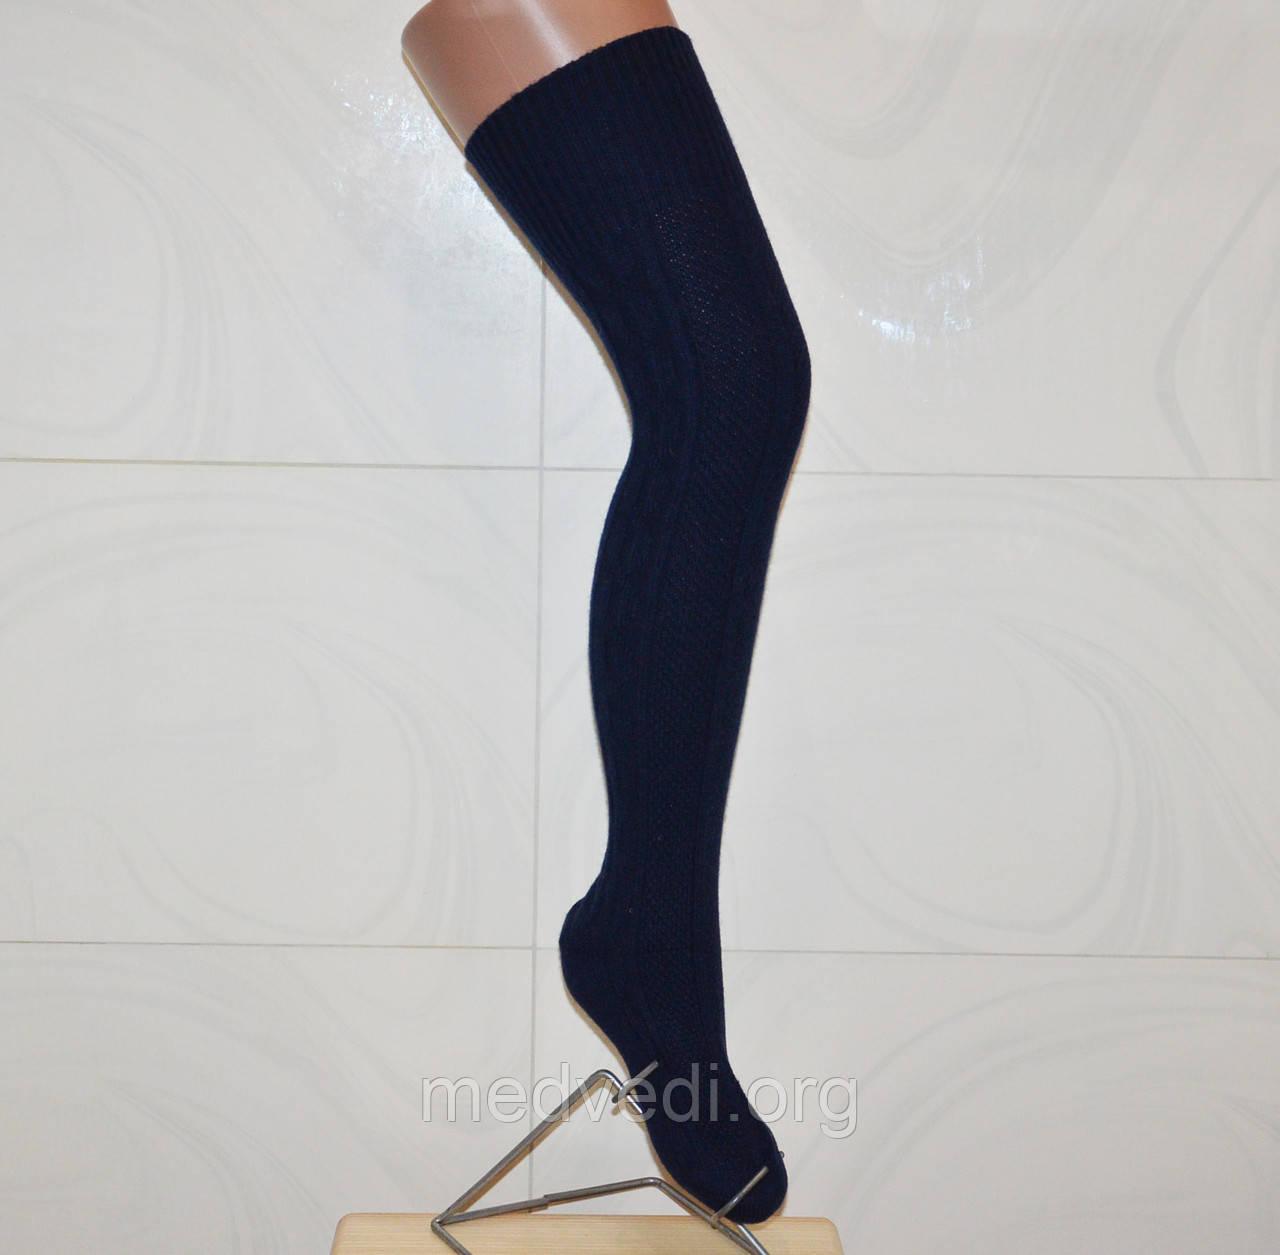 Заколенки гольфы темно-синие женские, шерстяные гетры выше колена